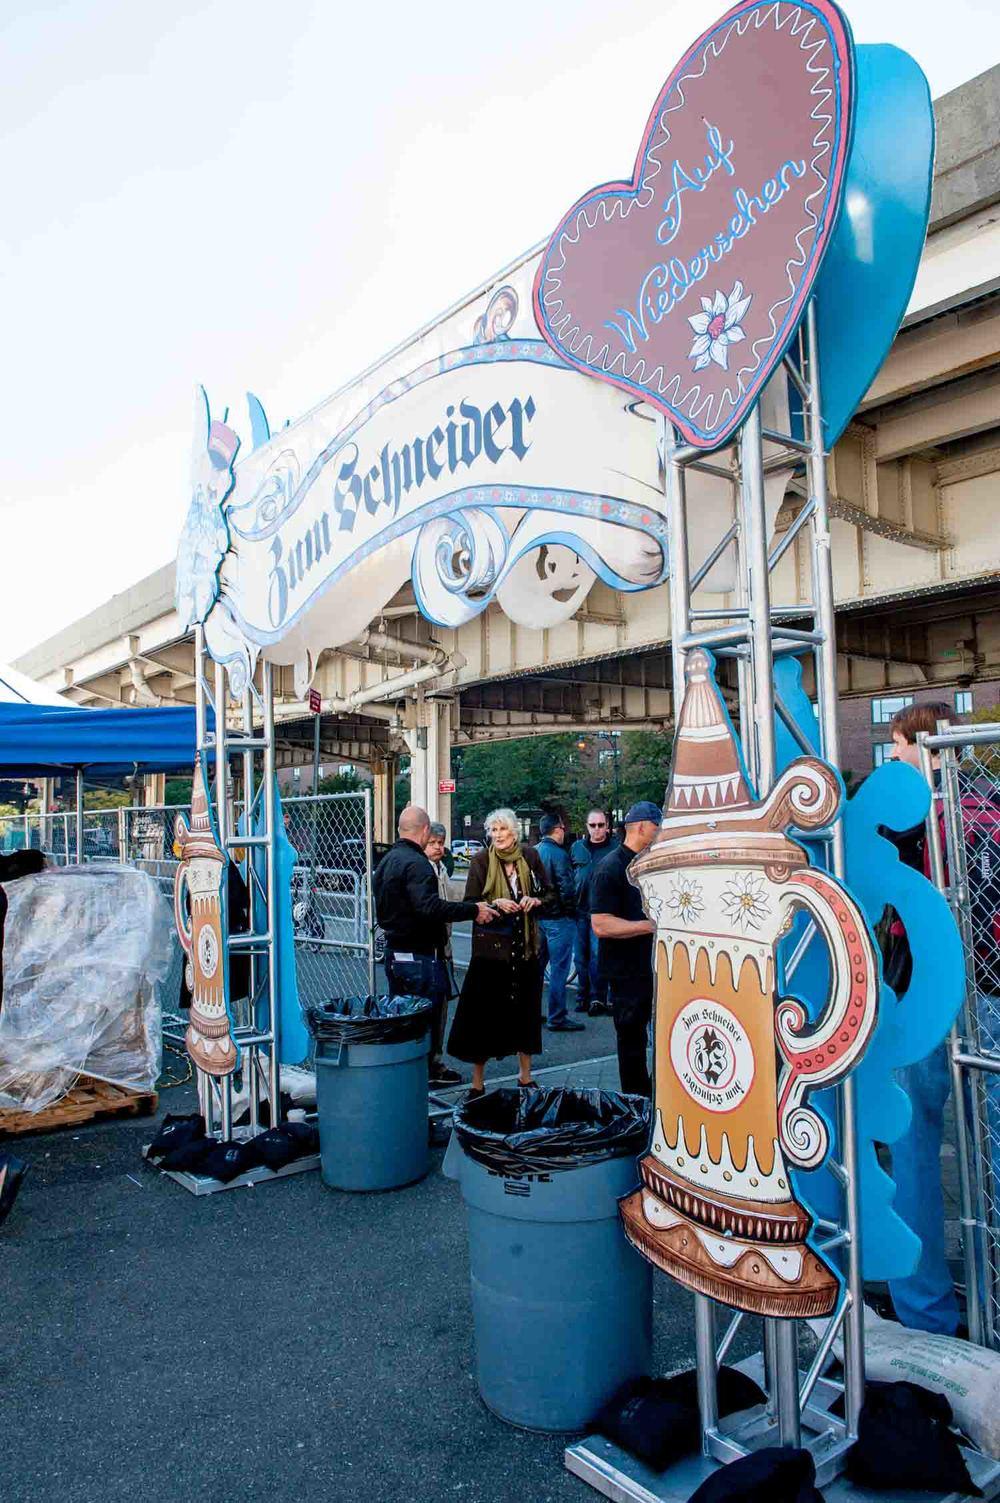 zum-schneider-nyc-2014-oktoberfest-munich-east-river-5884.jpg